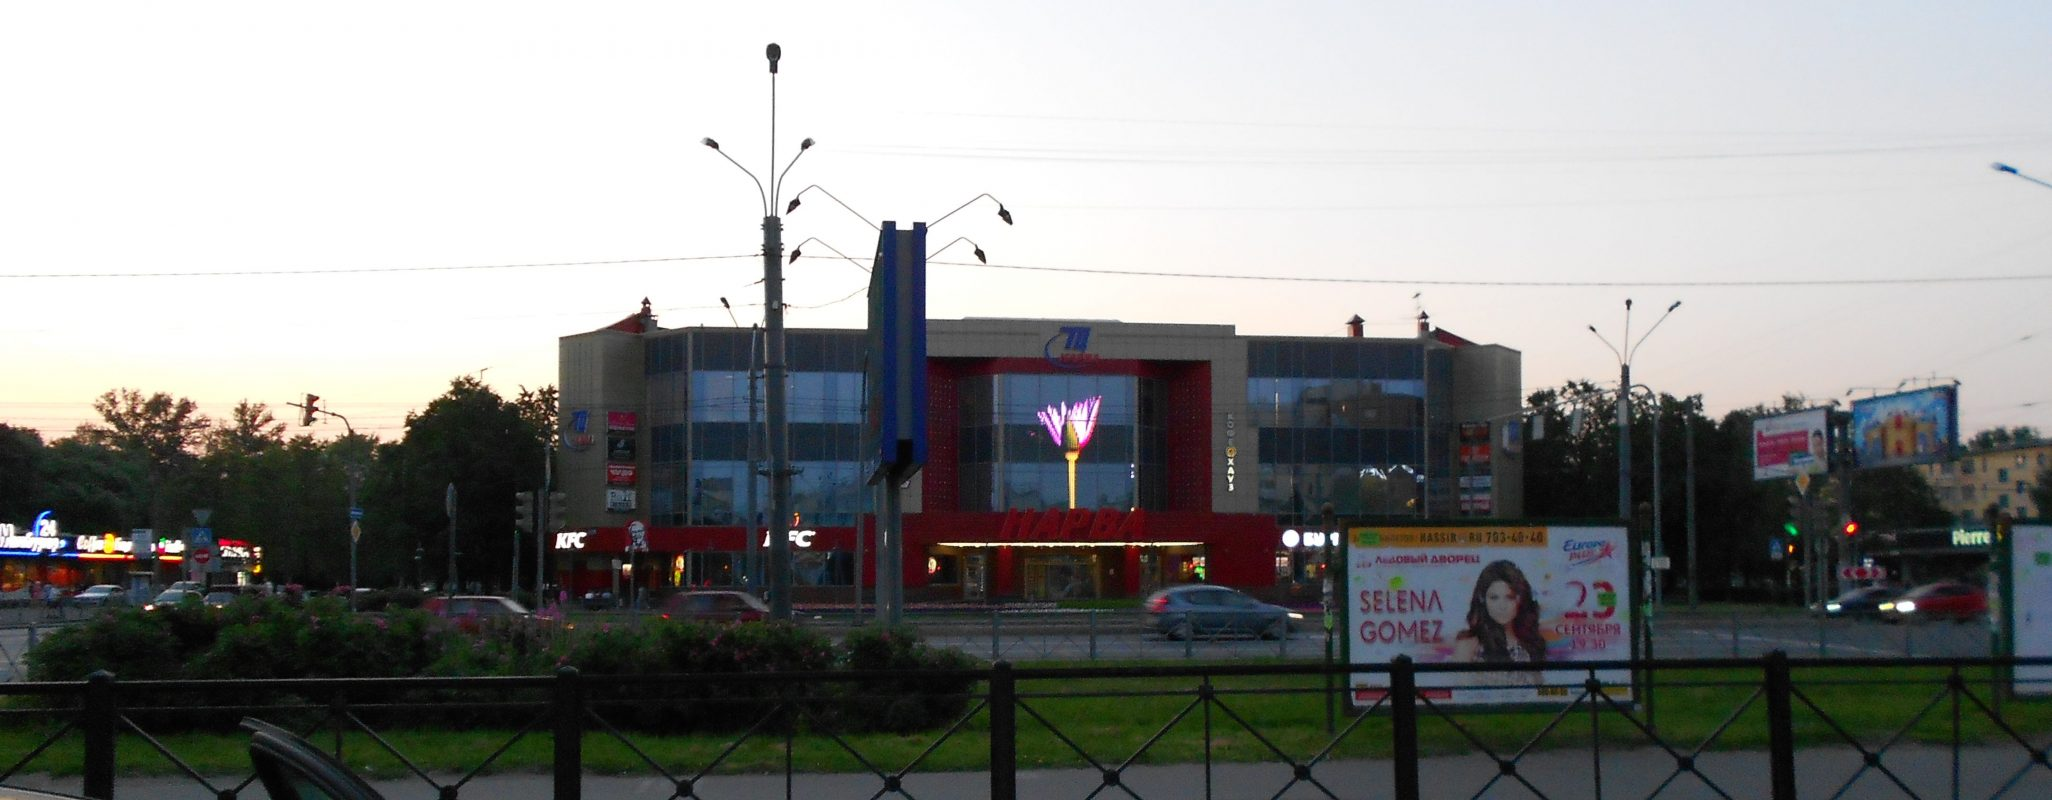 Медиафасады в Санкт-Петербурге